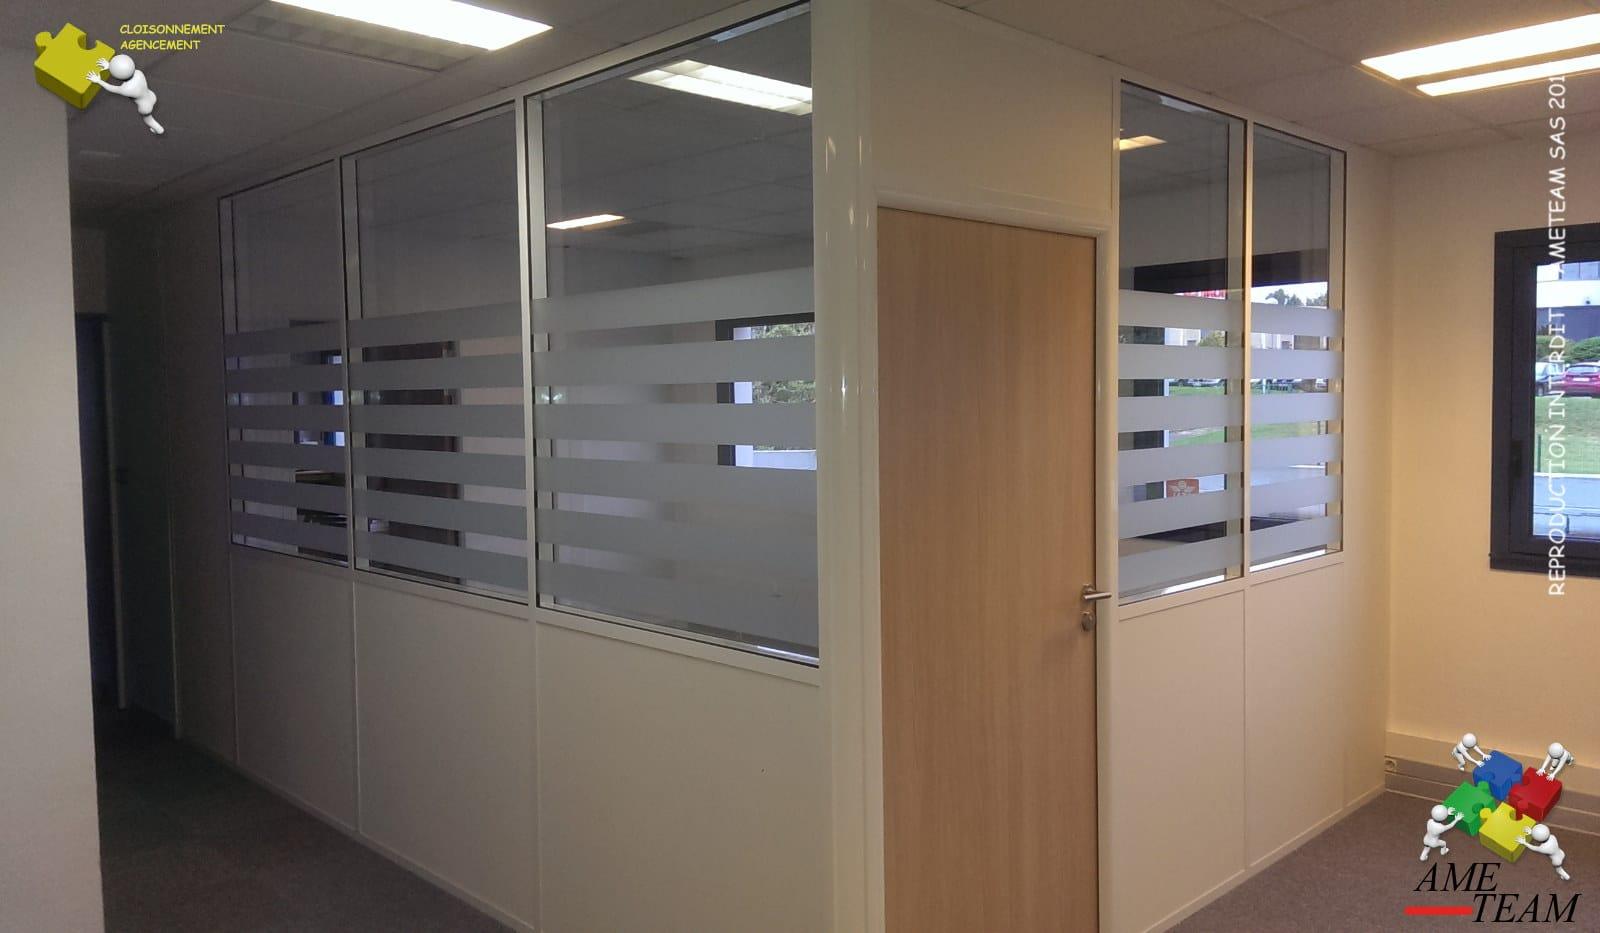 Projet CHALLENGE INTERNATIONALE / St QUENTIN F : Cloisons amovibles vitrée sur allège avec films bandes régulières